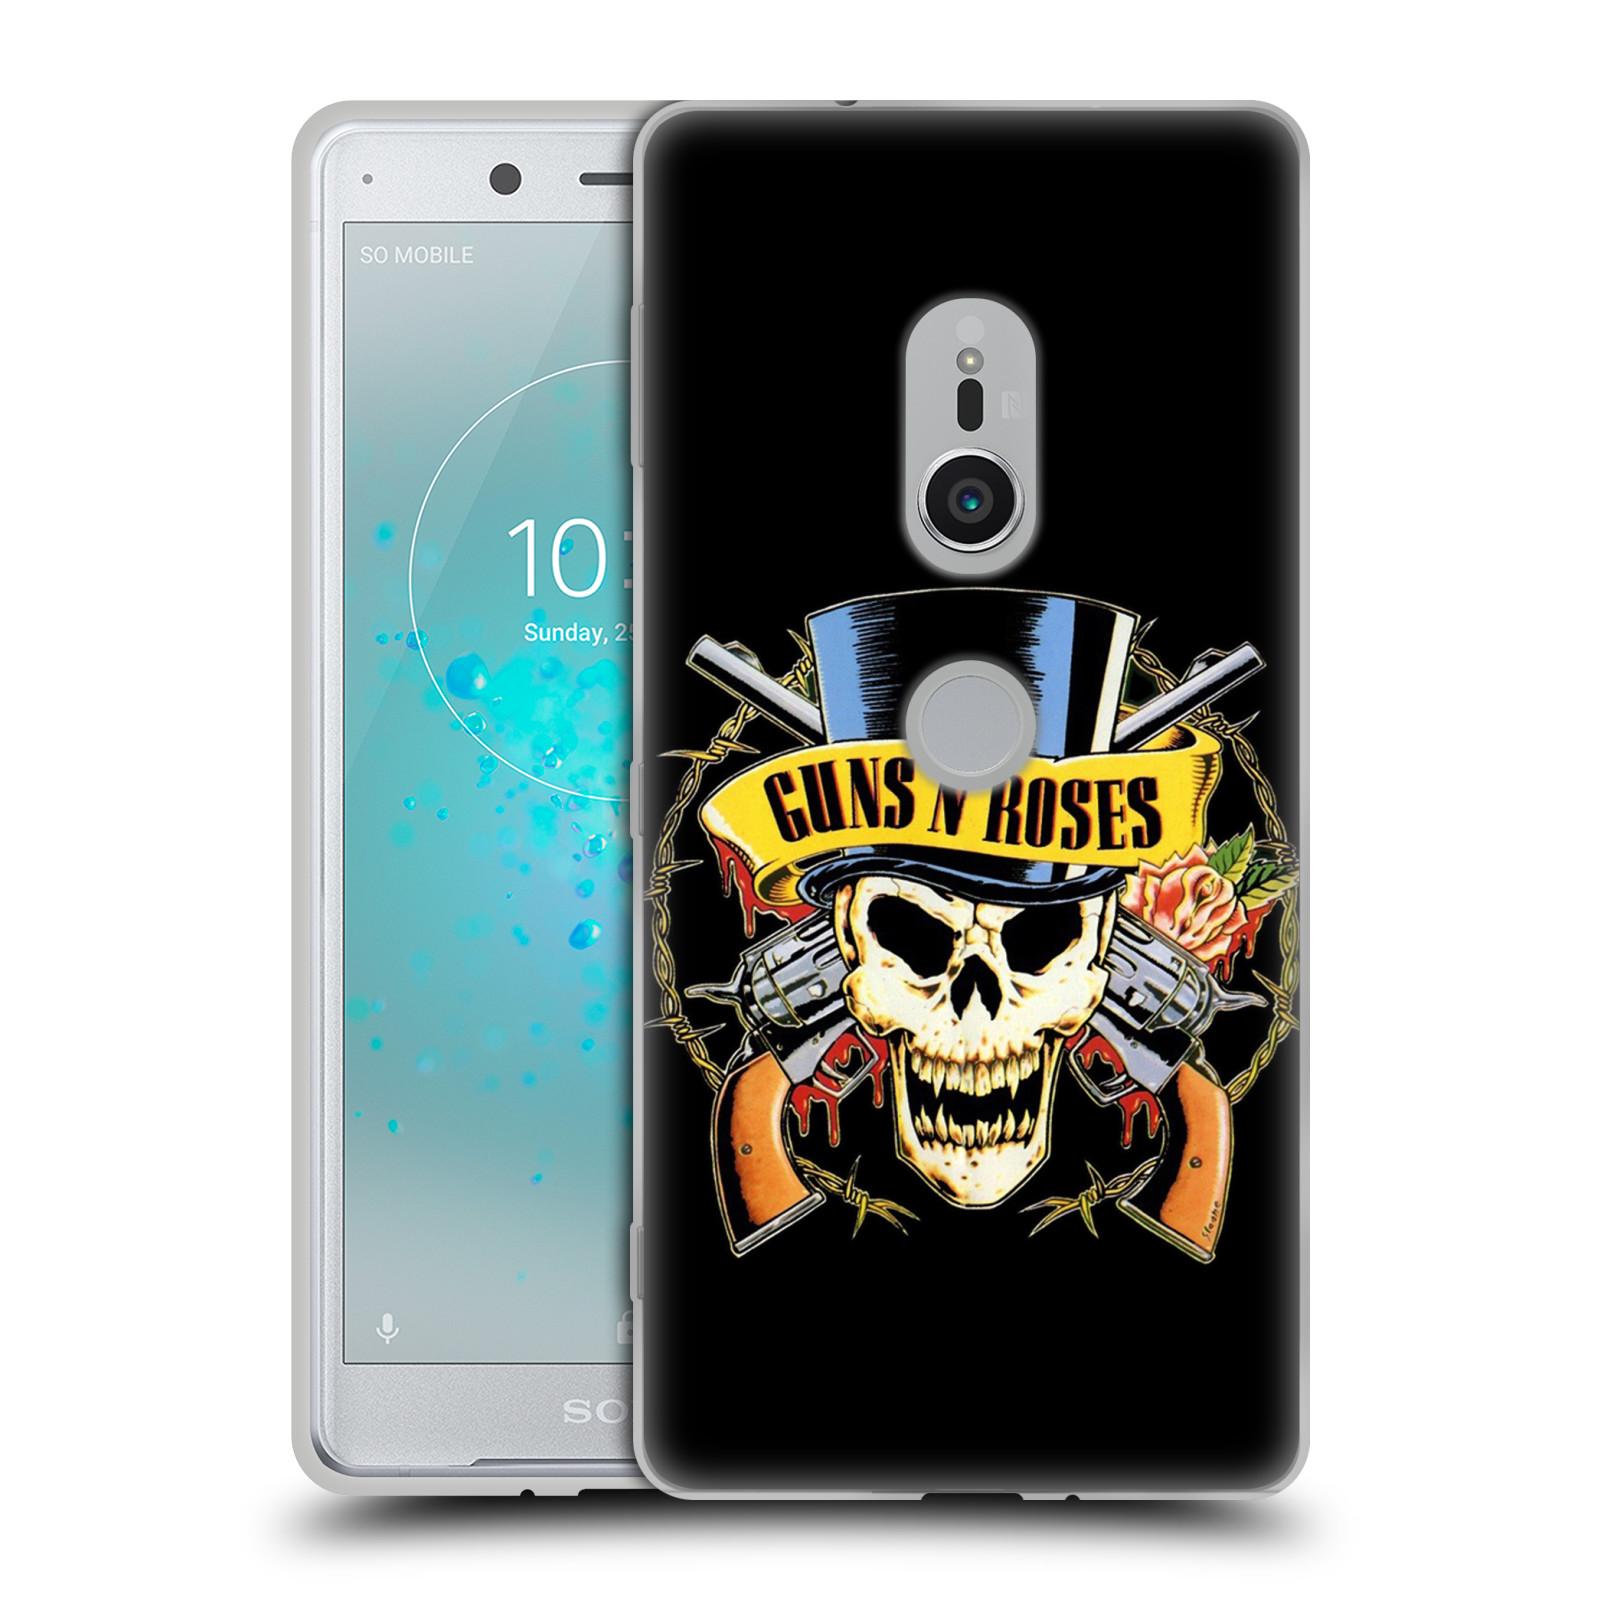 Silikonové pouzdro na mobil Sony Xperia XZ2 - Head Case - Guns N' Roses - Lebka